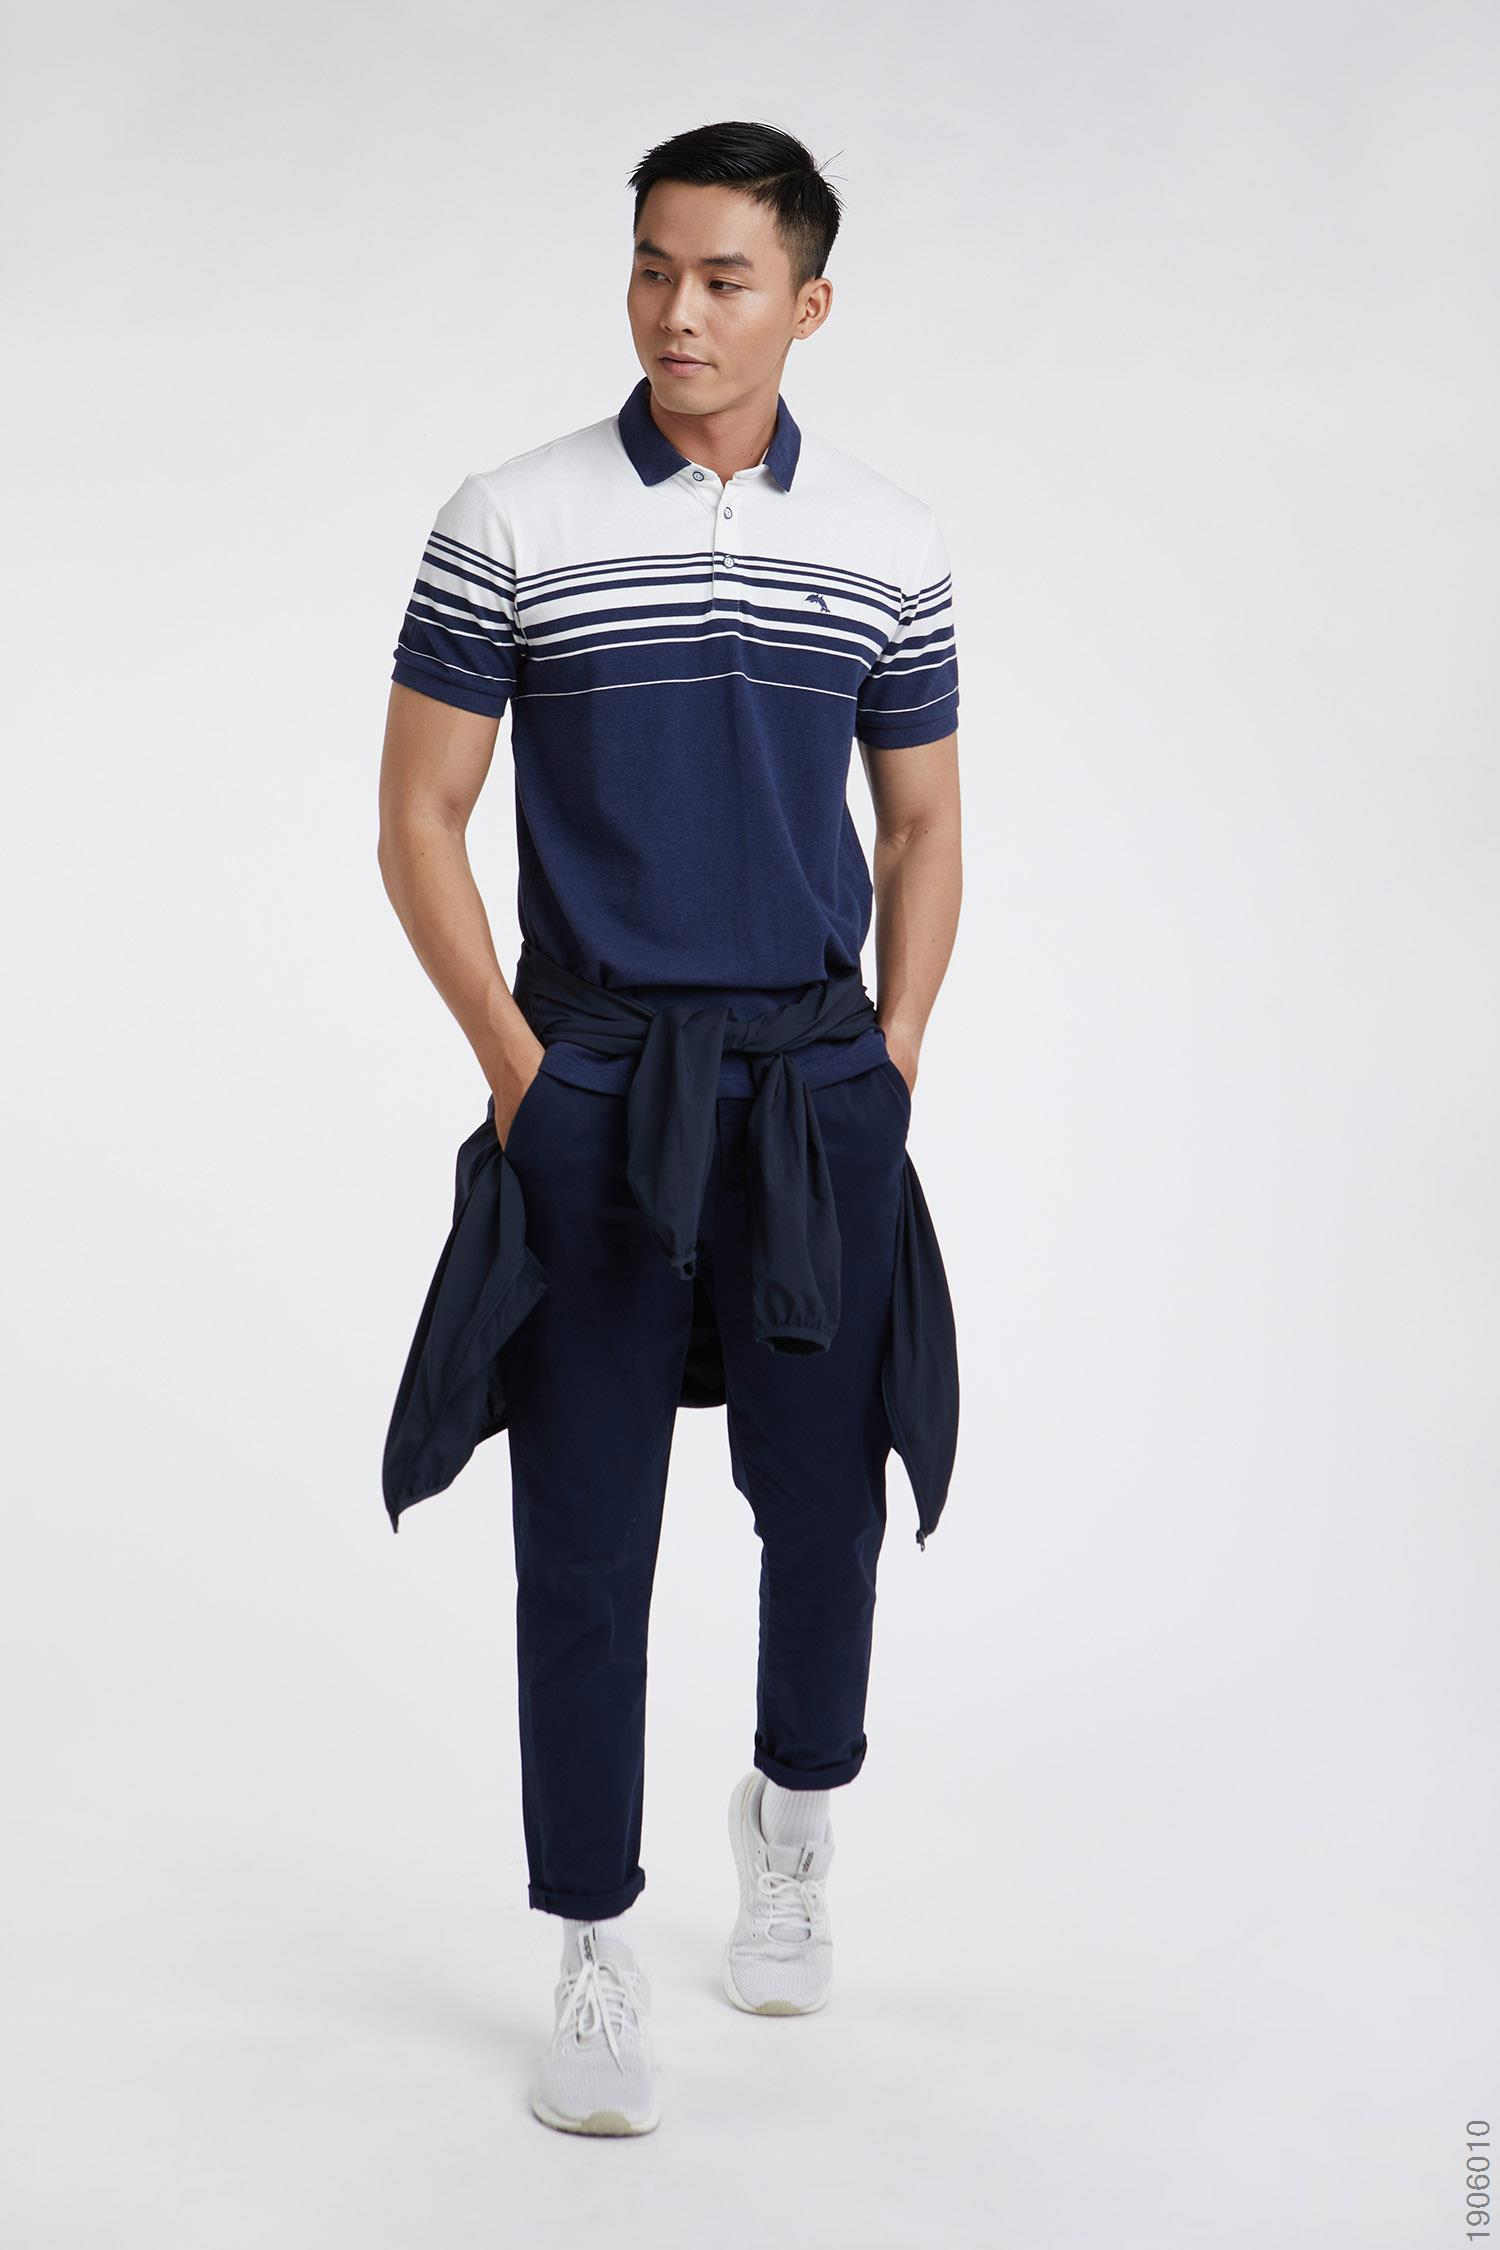 áo polo nam - 1906010